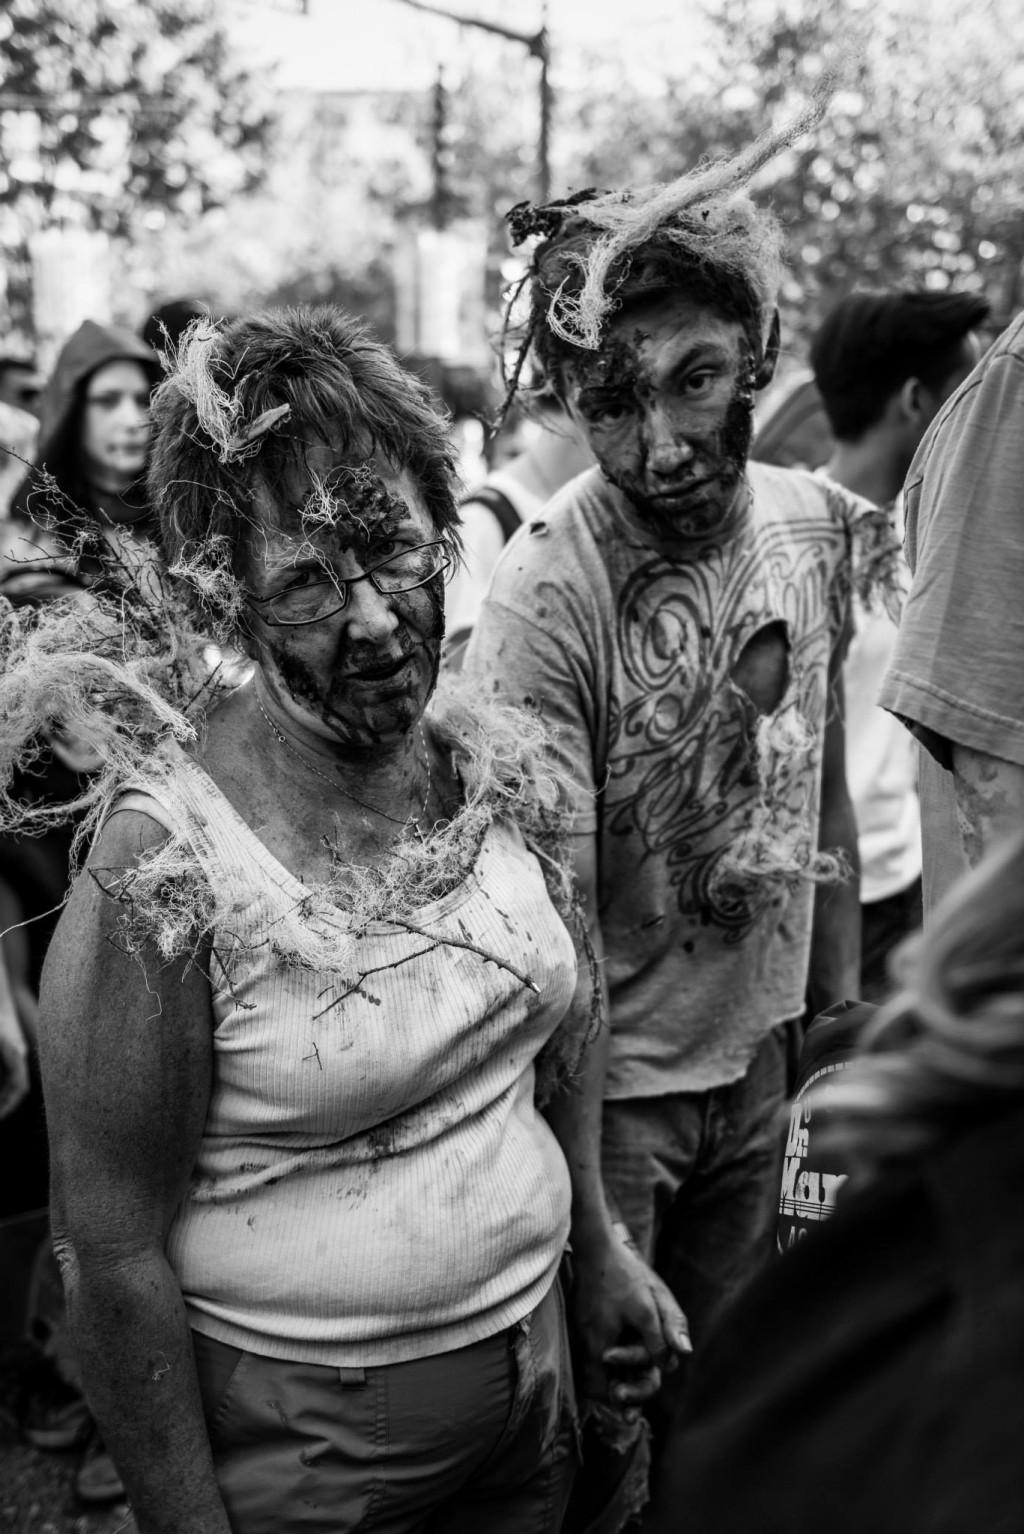 vancouver zombie walk 2014 scott hemenway 64